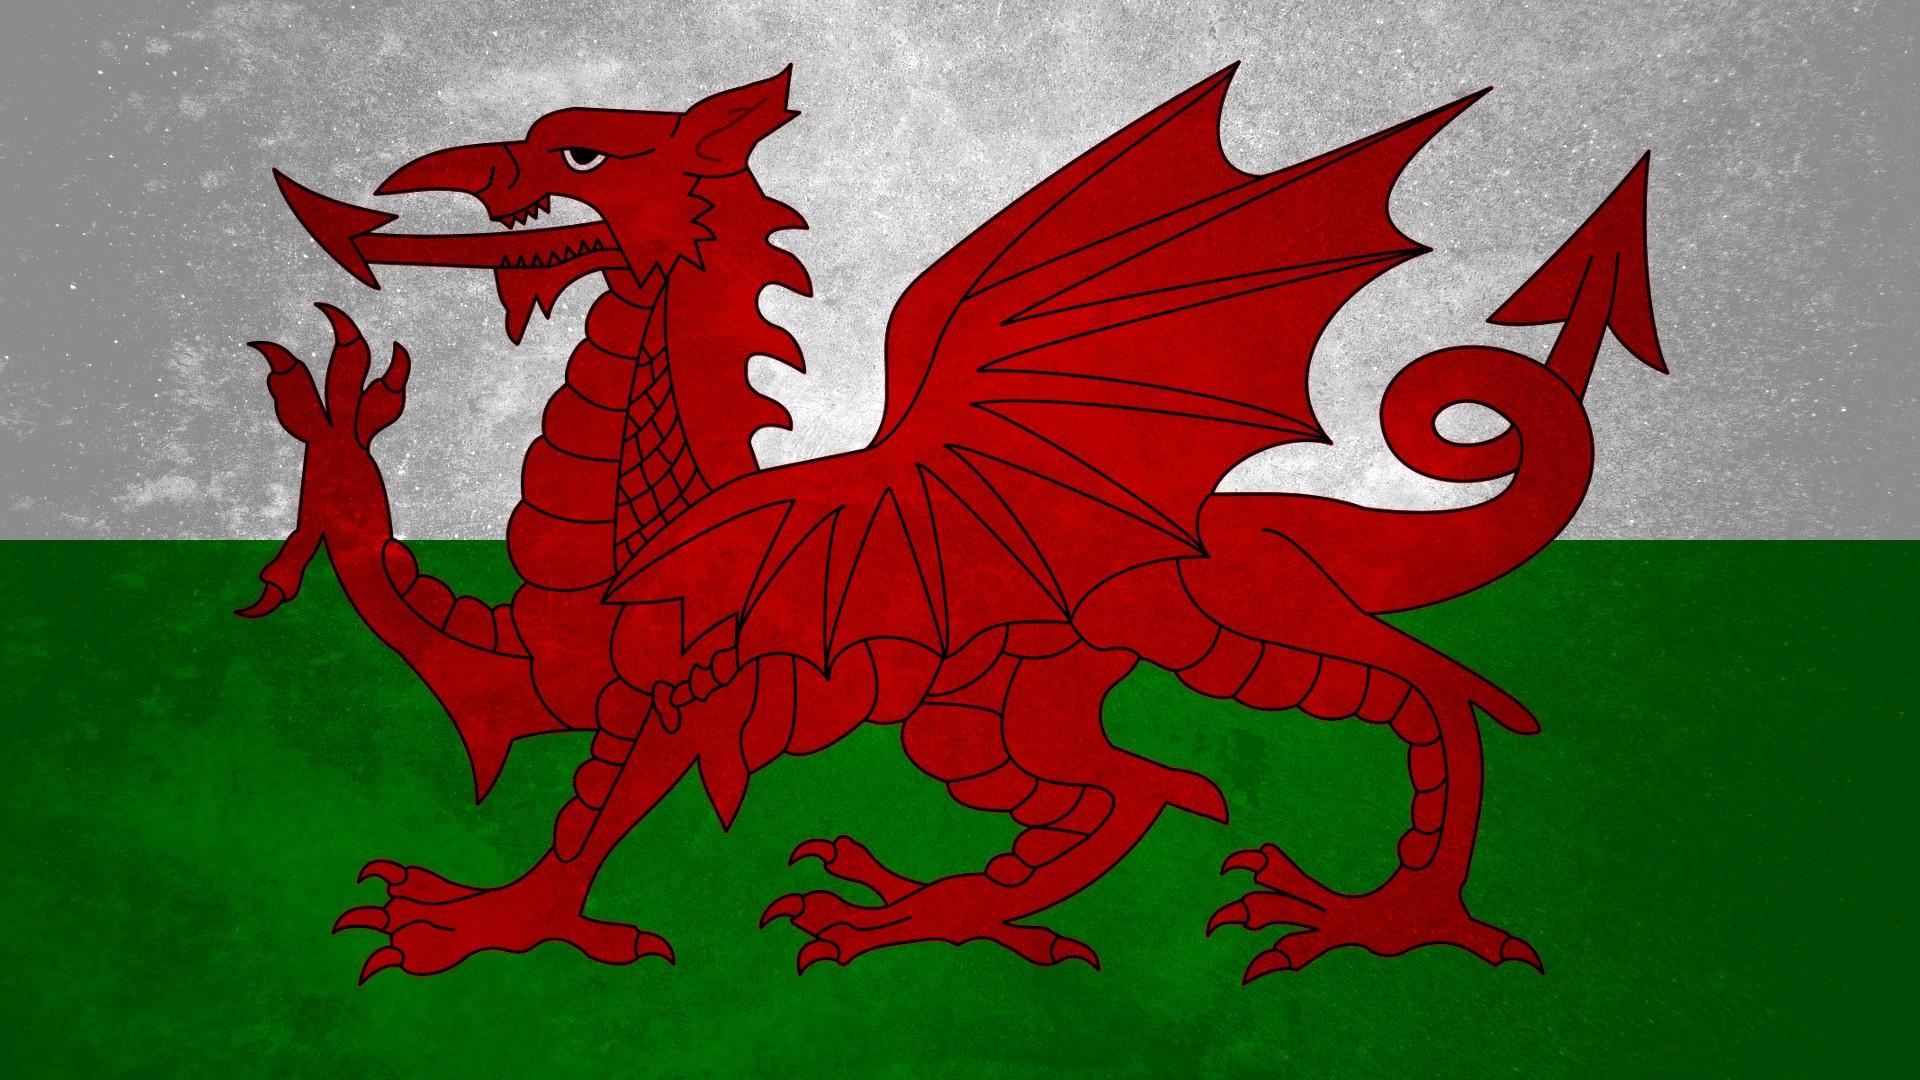 Fond D'écran : Illustration, Drapeau, Dragon, Pays De Galles, Personnage Fictif, Police De